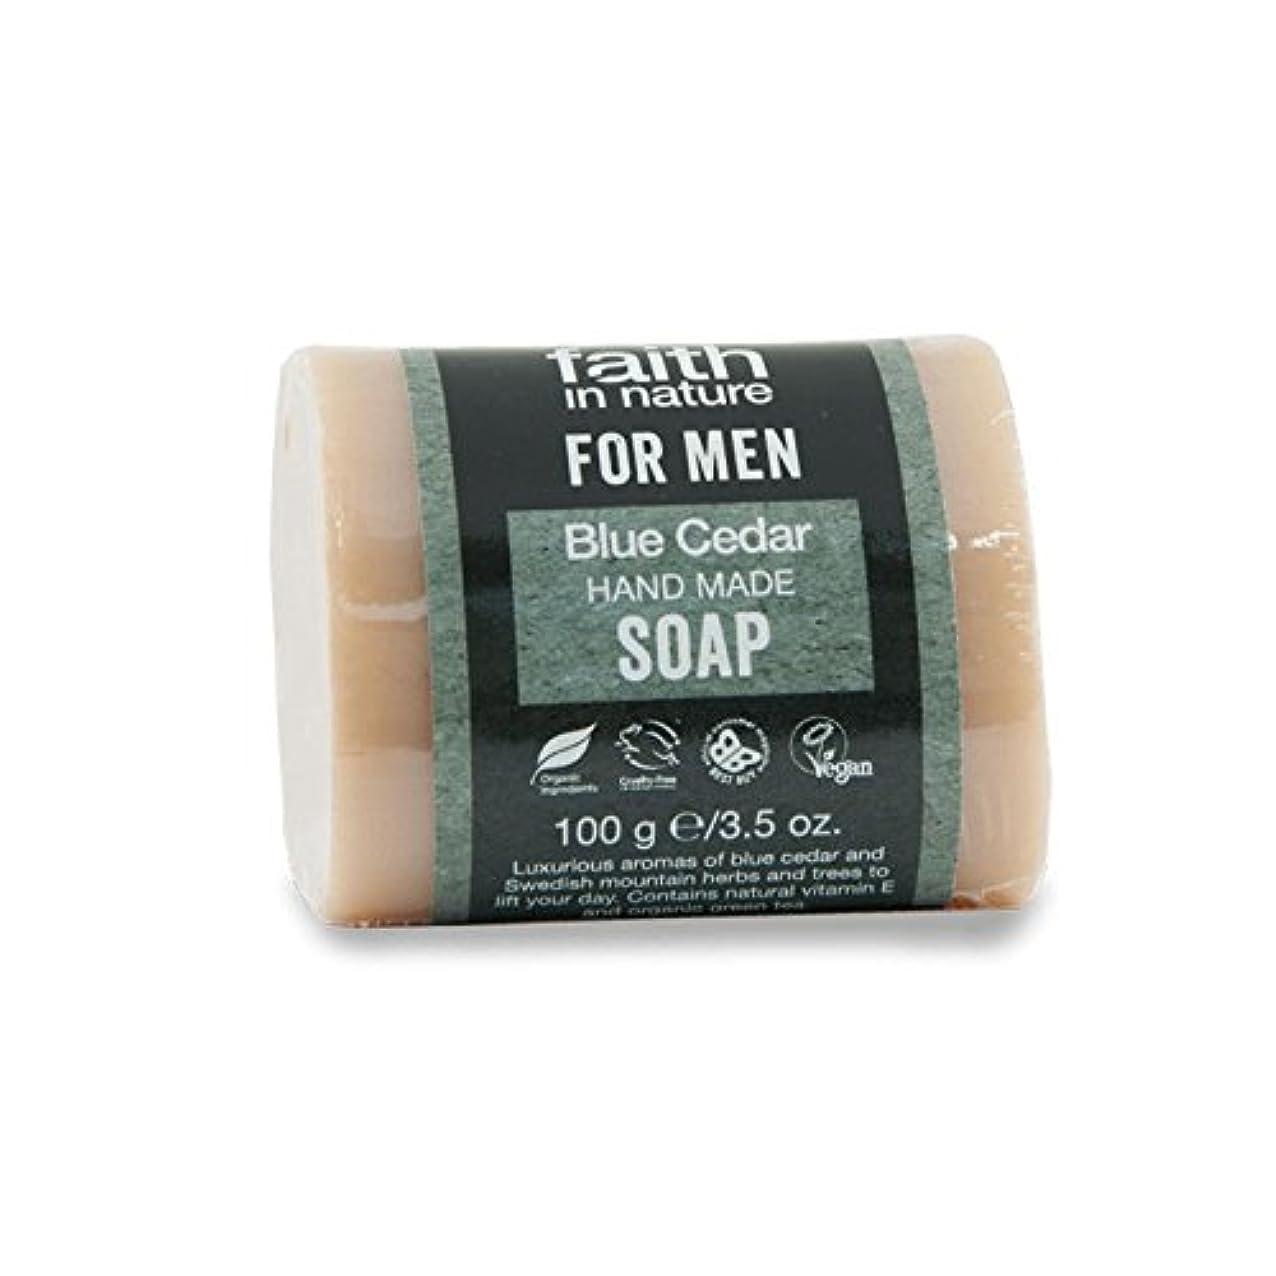 反逆者ウェーハエレガントFaith in Nature for Men Blue Cedar Soap 100g (Pack of 6) - 男性青杉の石鹸100グラムのための自然の中で信仰 (x6) [並行輸入品]